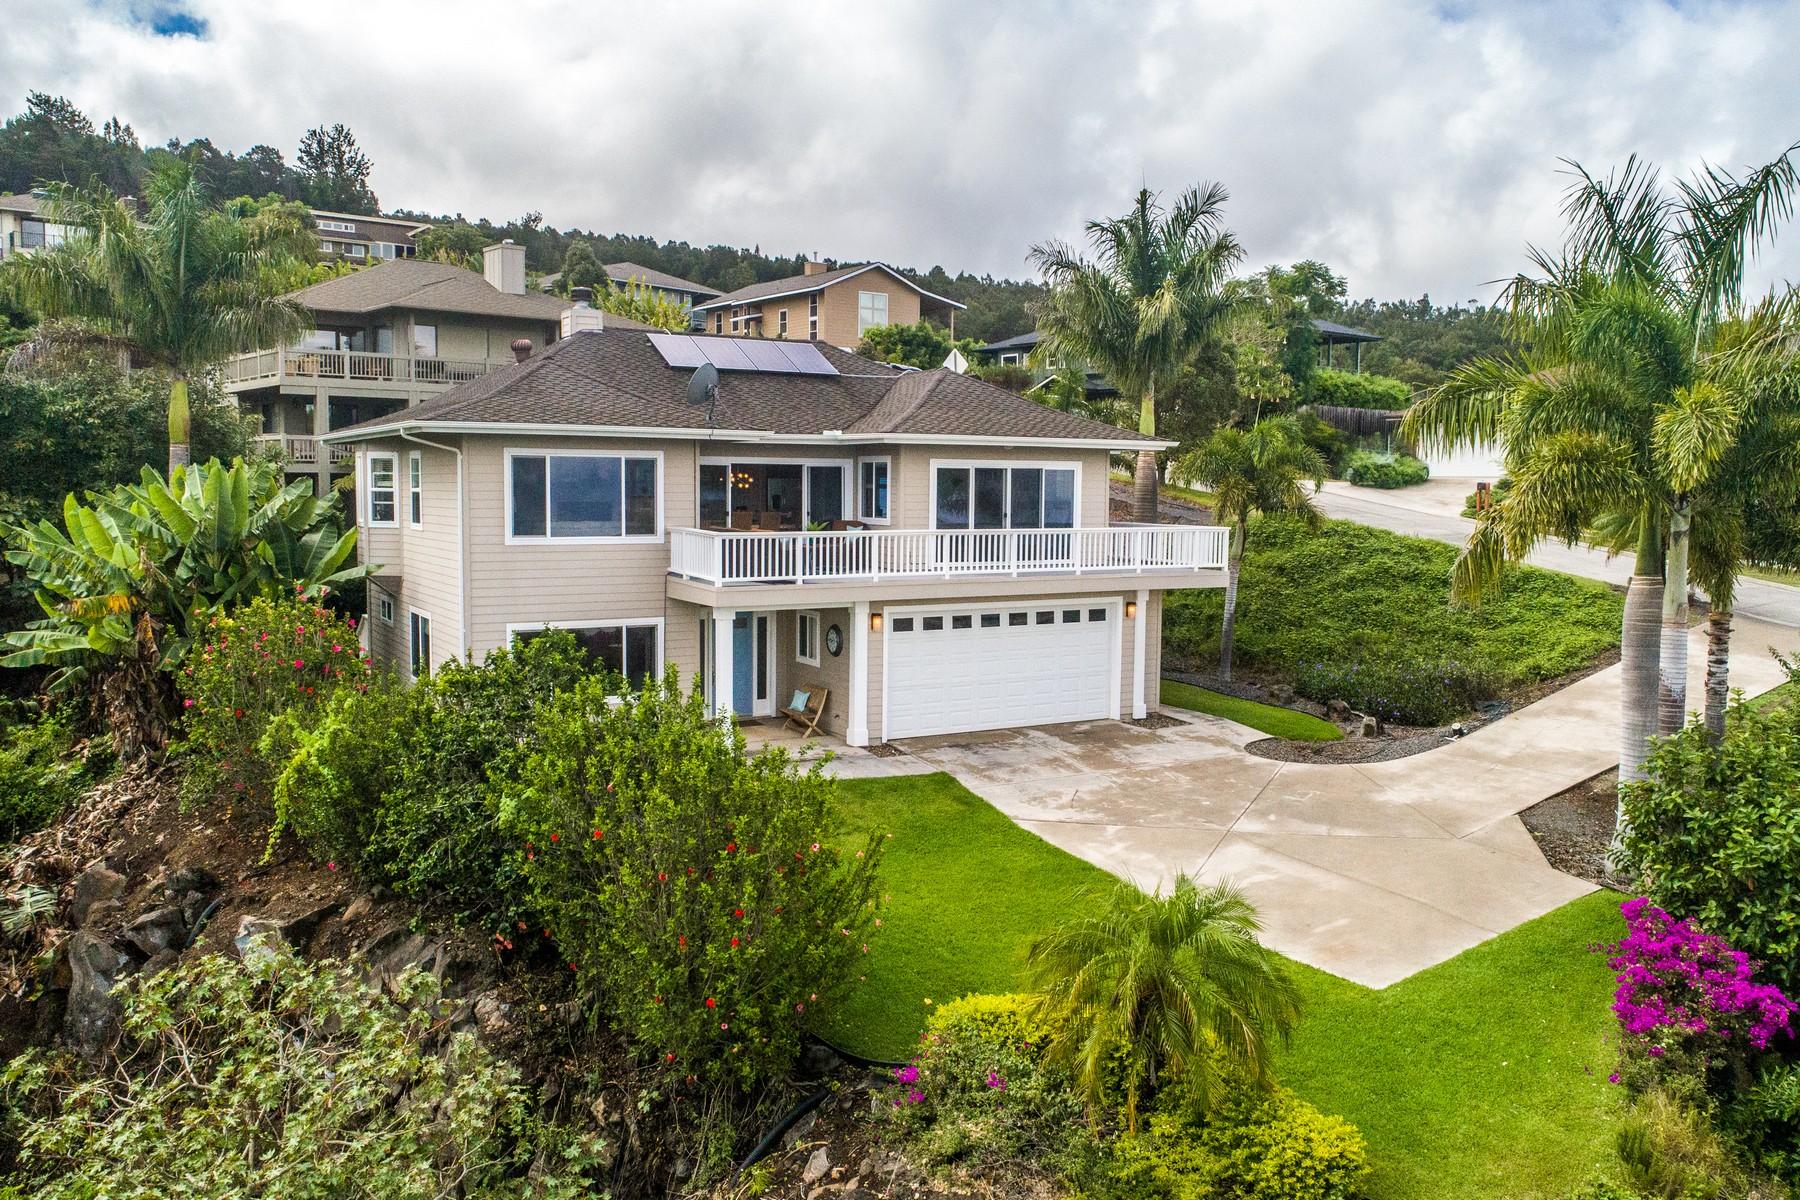 Single Family Homes for Active at Beautiful Kula View Home 206 Kulamanu Circle Kula, Hawaii 96790 United States